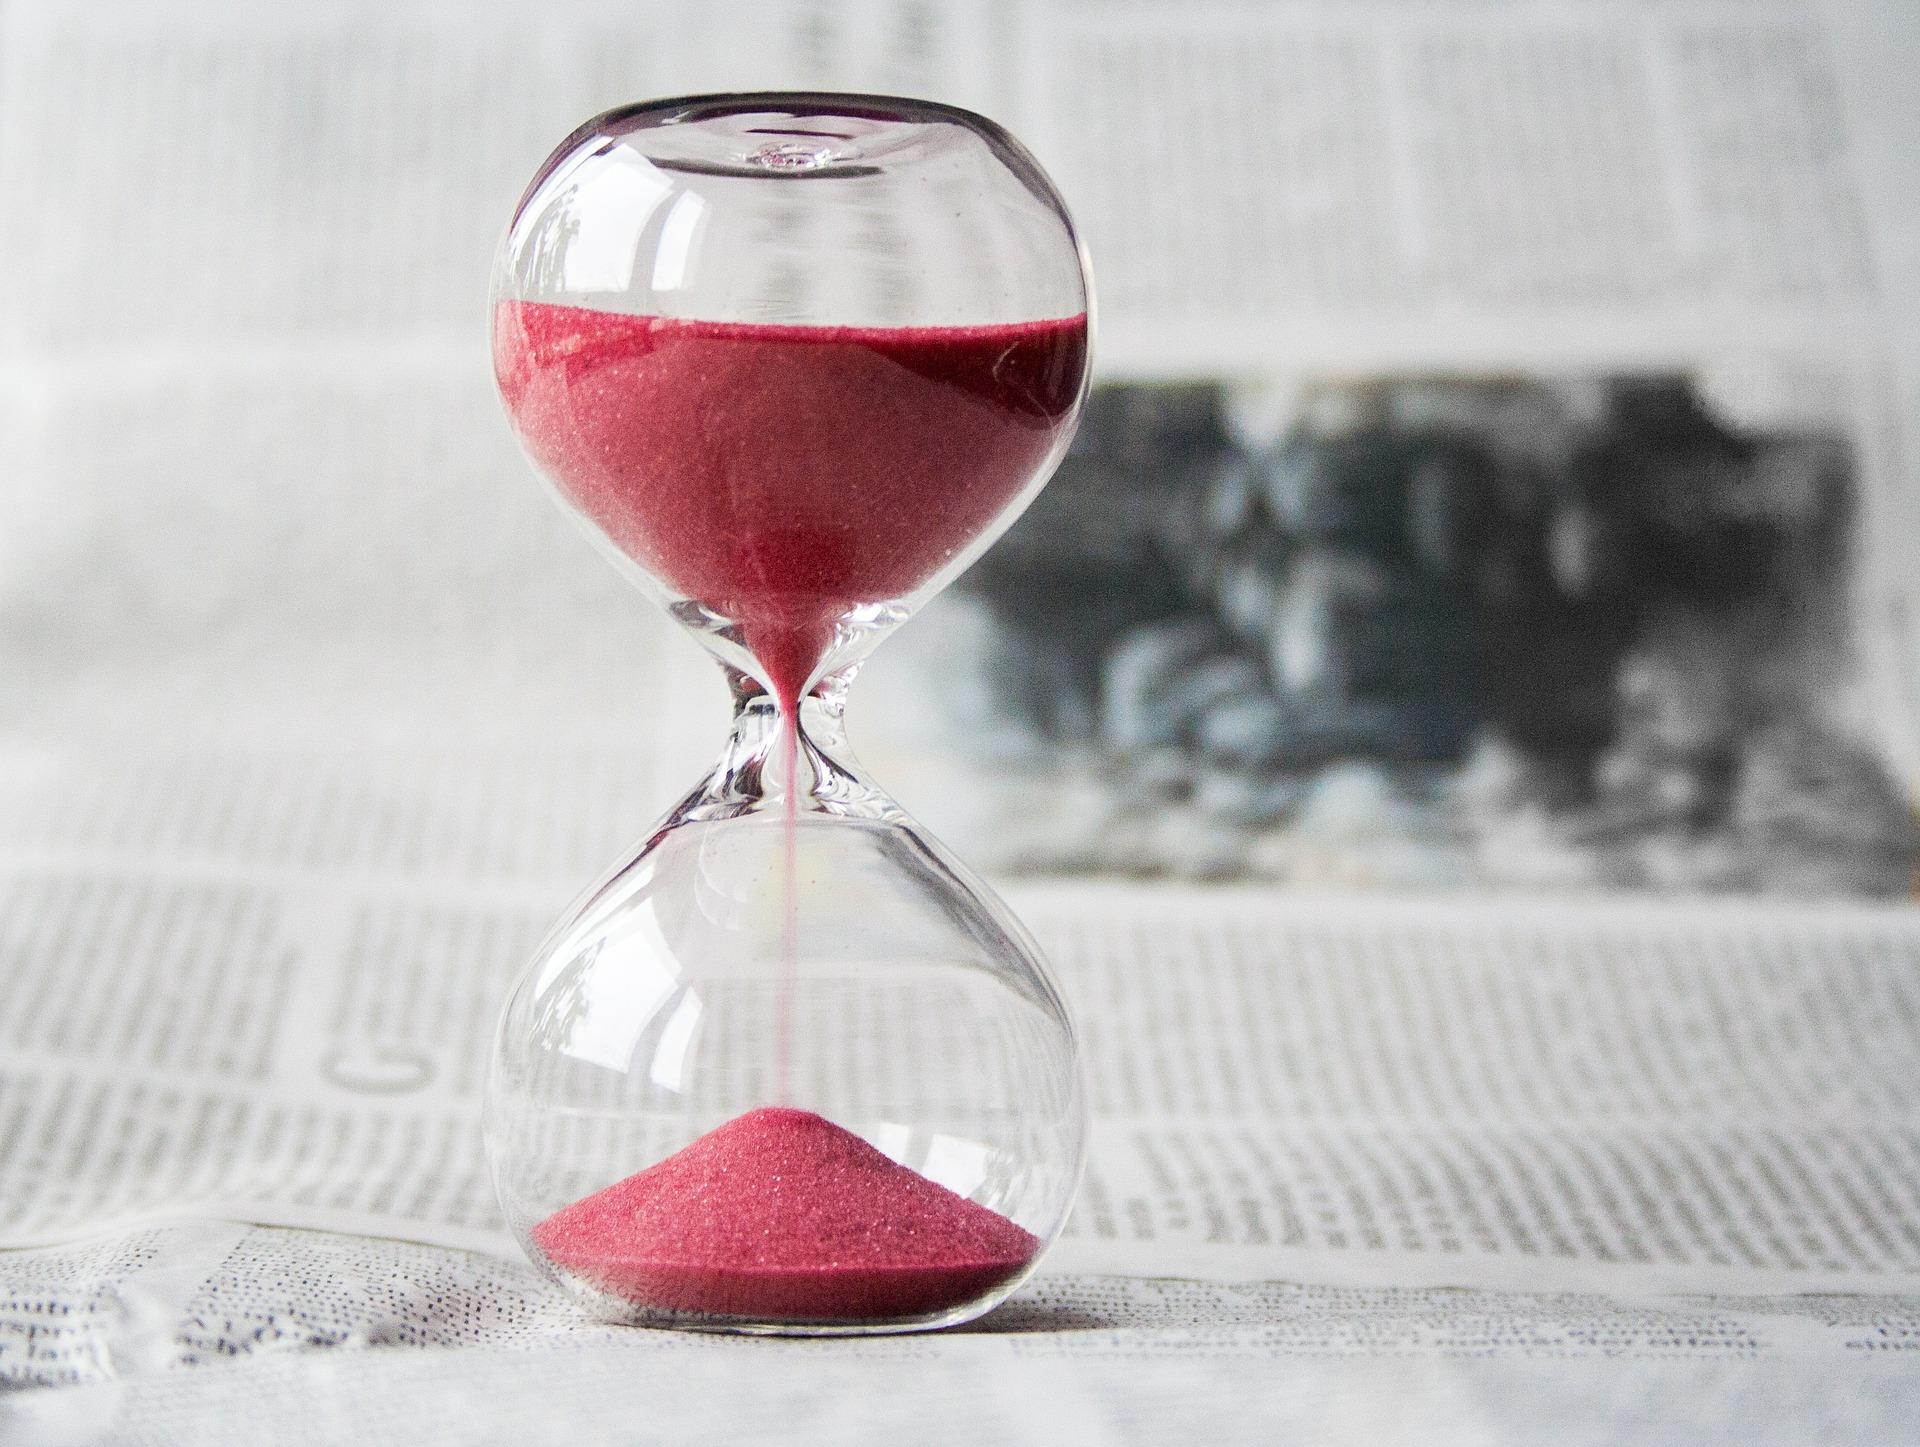 Időt kérnek a biztosítók: sok a tisztázatlan kérdés az új számviteli elszámolás miatt